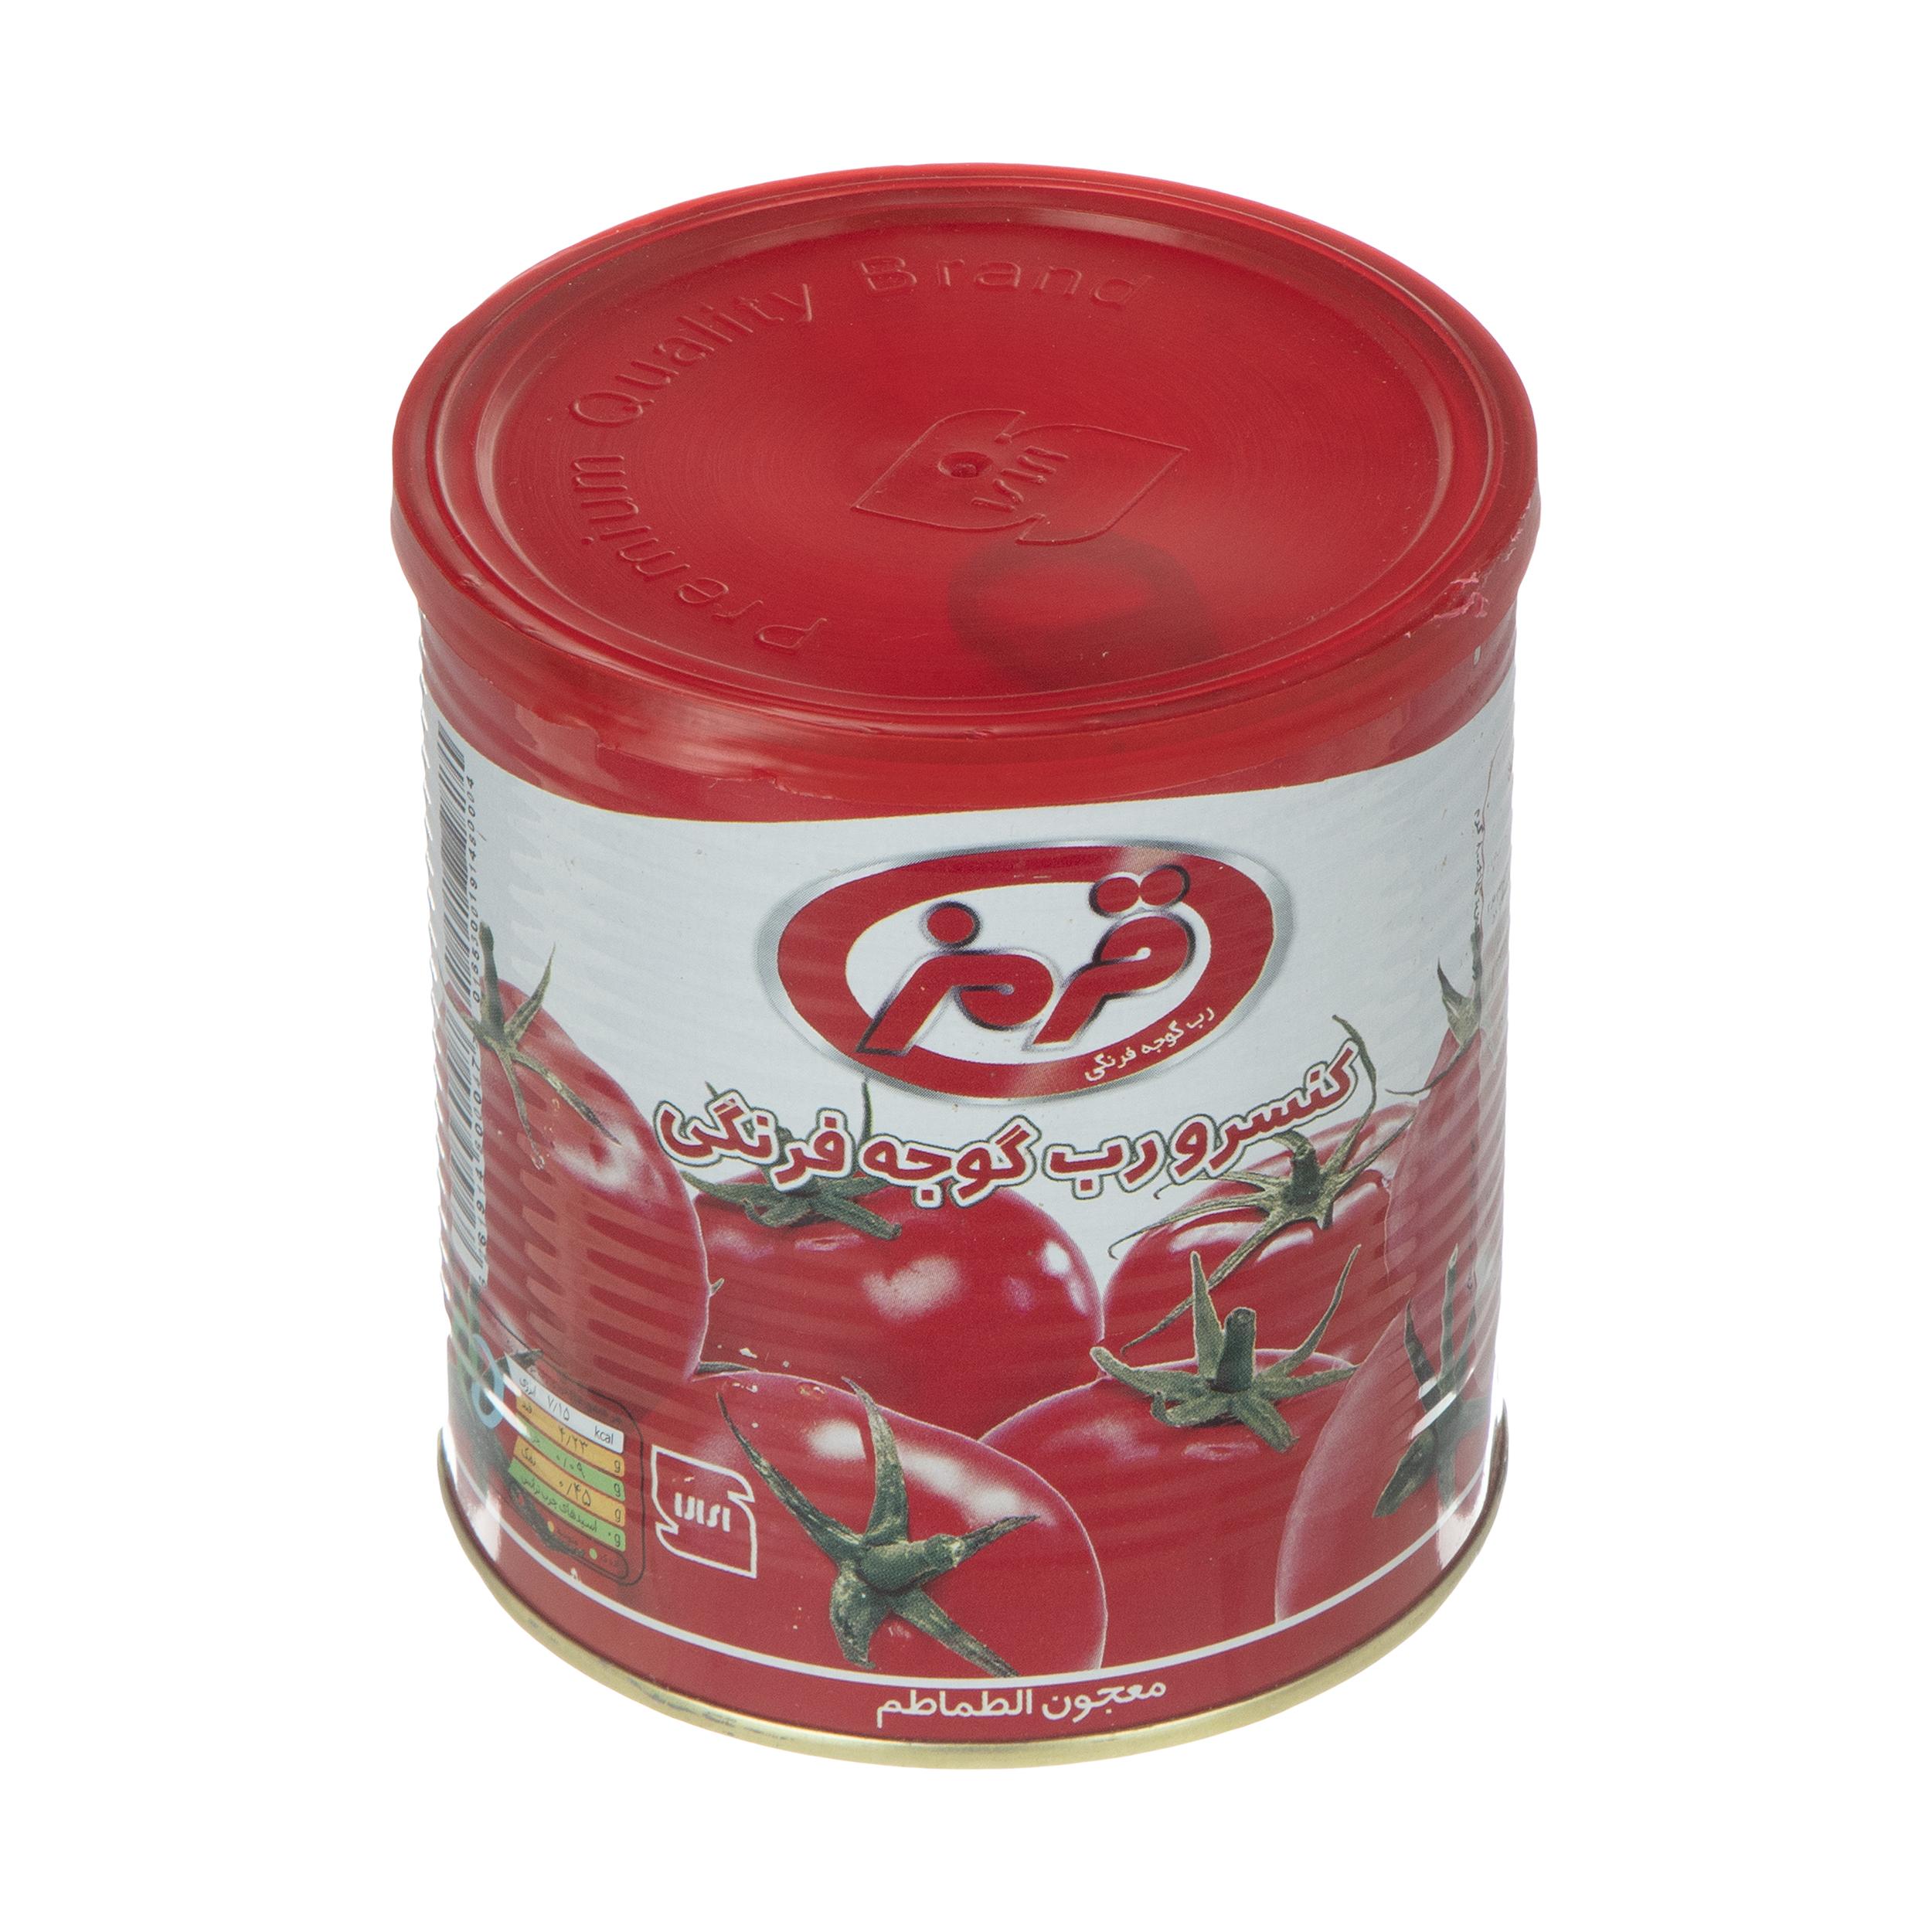 کنسرو رب گوجه فرنگی قرمز - 800 گرم